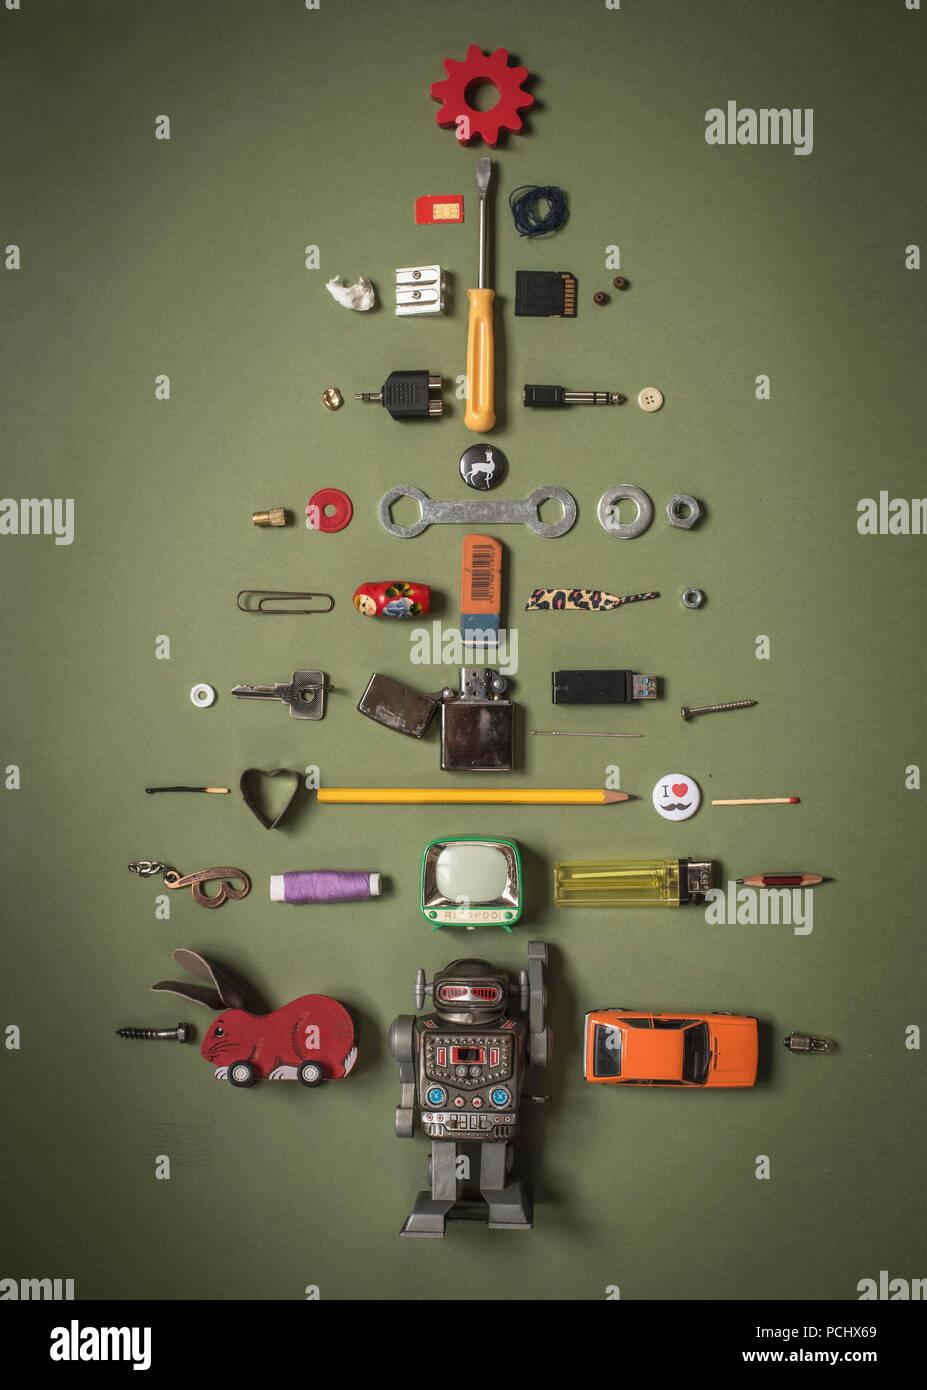 System, Organisation, Humor, bizarre, Weihnachtsbaum Stockbild